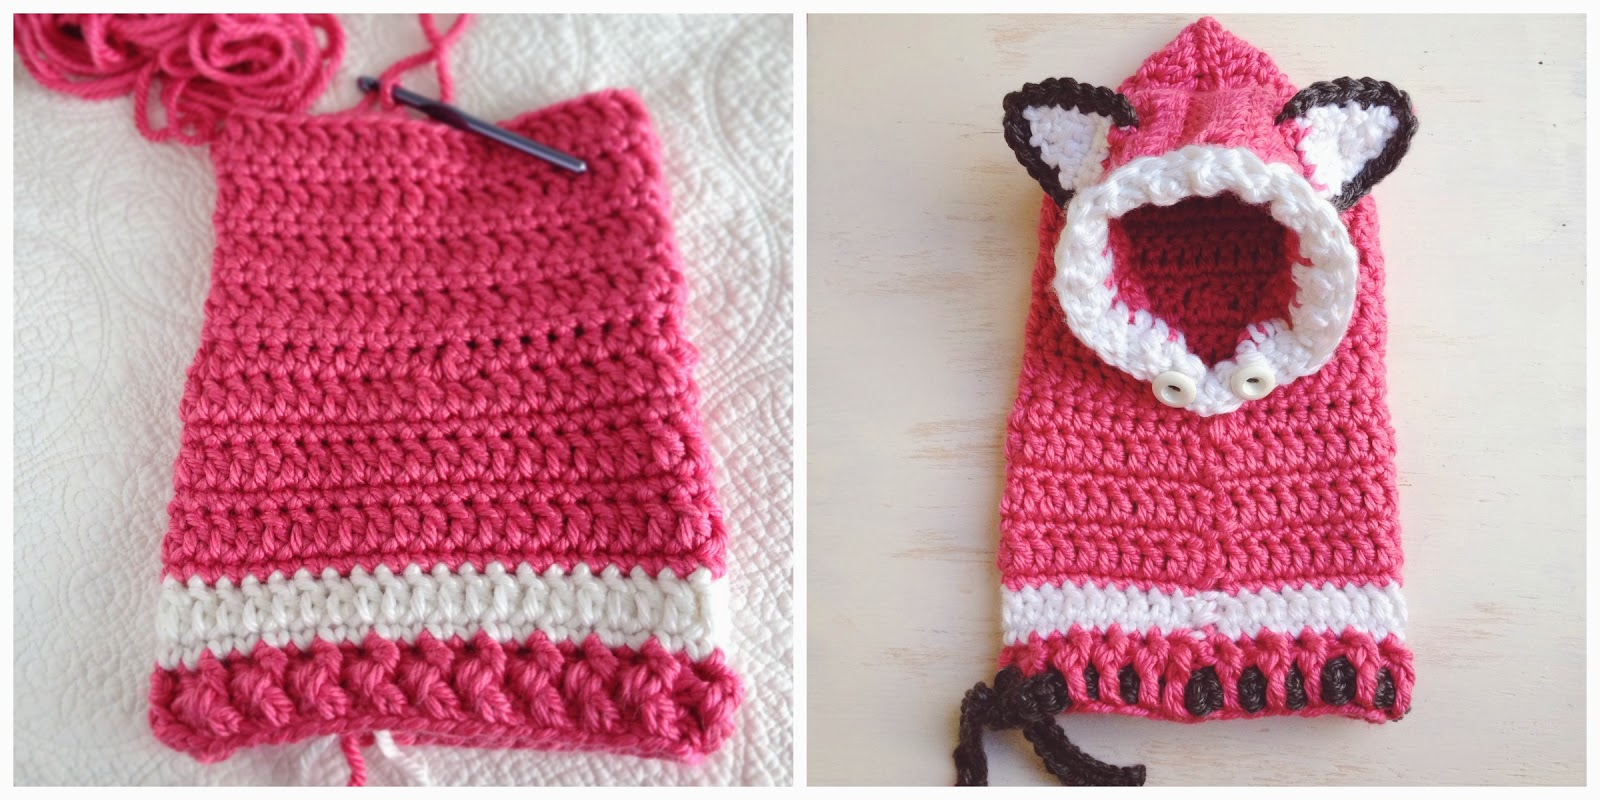 Crochet fox hooded cowl pattern dancox for crochet fox hood pattern free images bankloansurffo Images